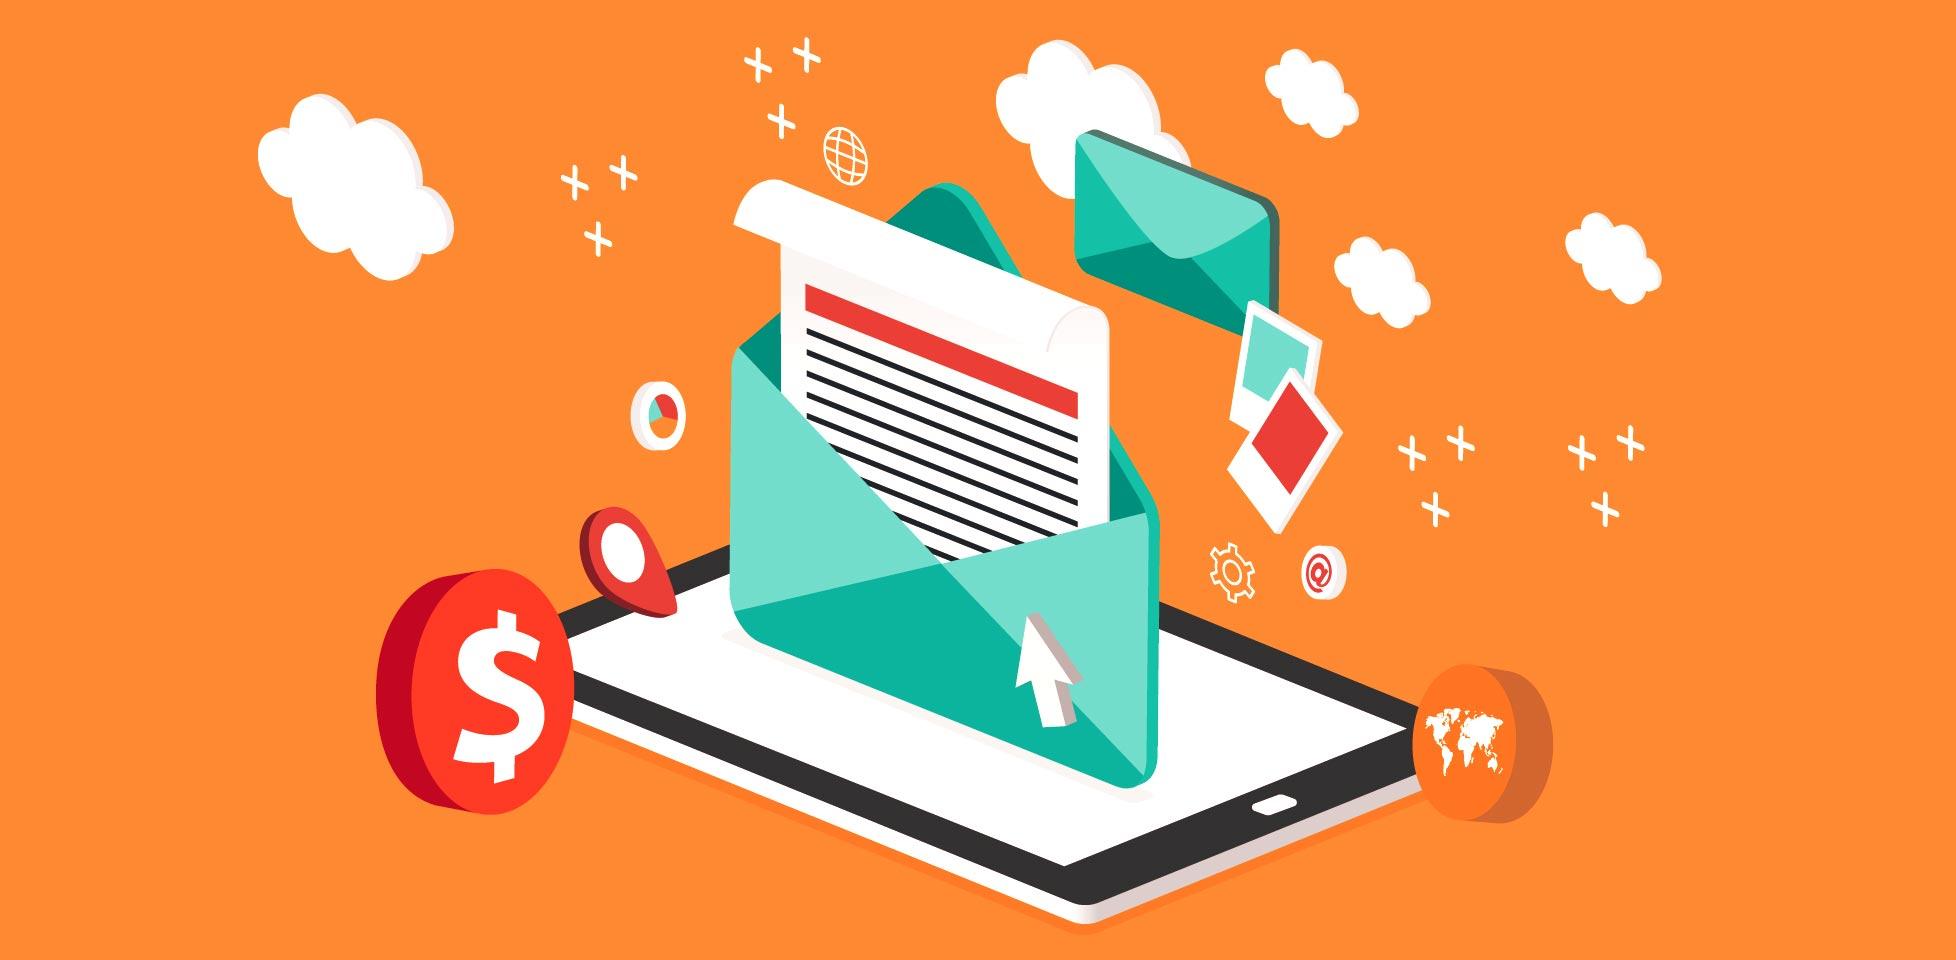 email-marketing-i-7-migliori-servizi-per-le-piccole-imprese-2020